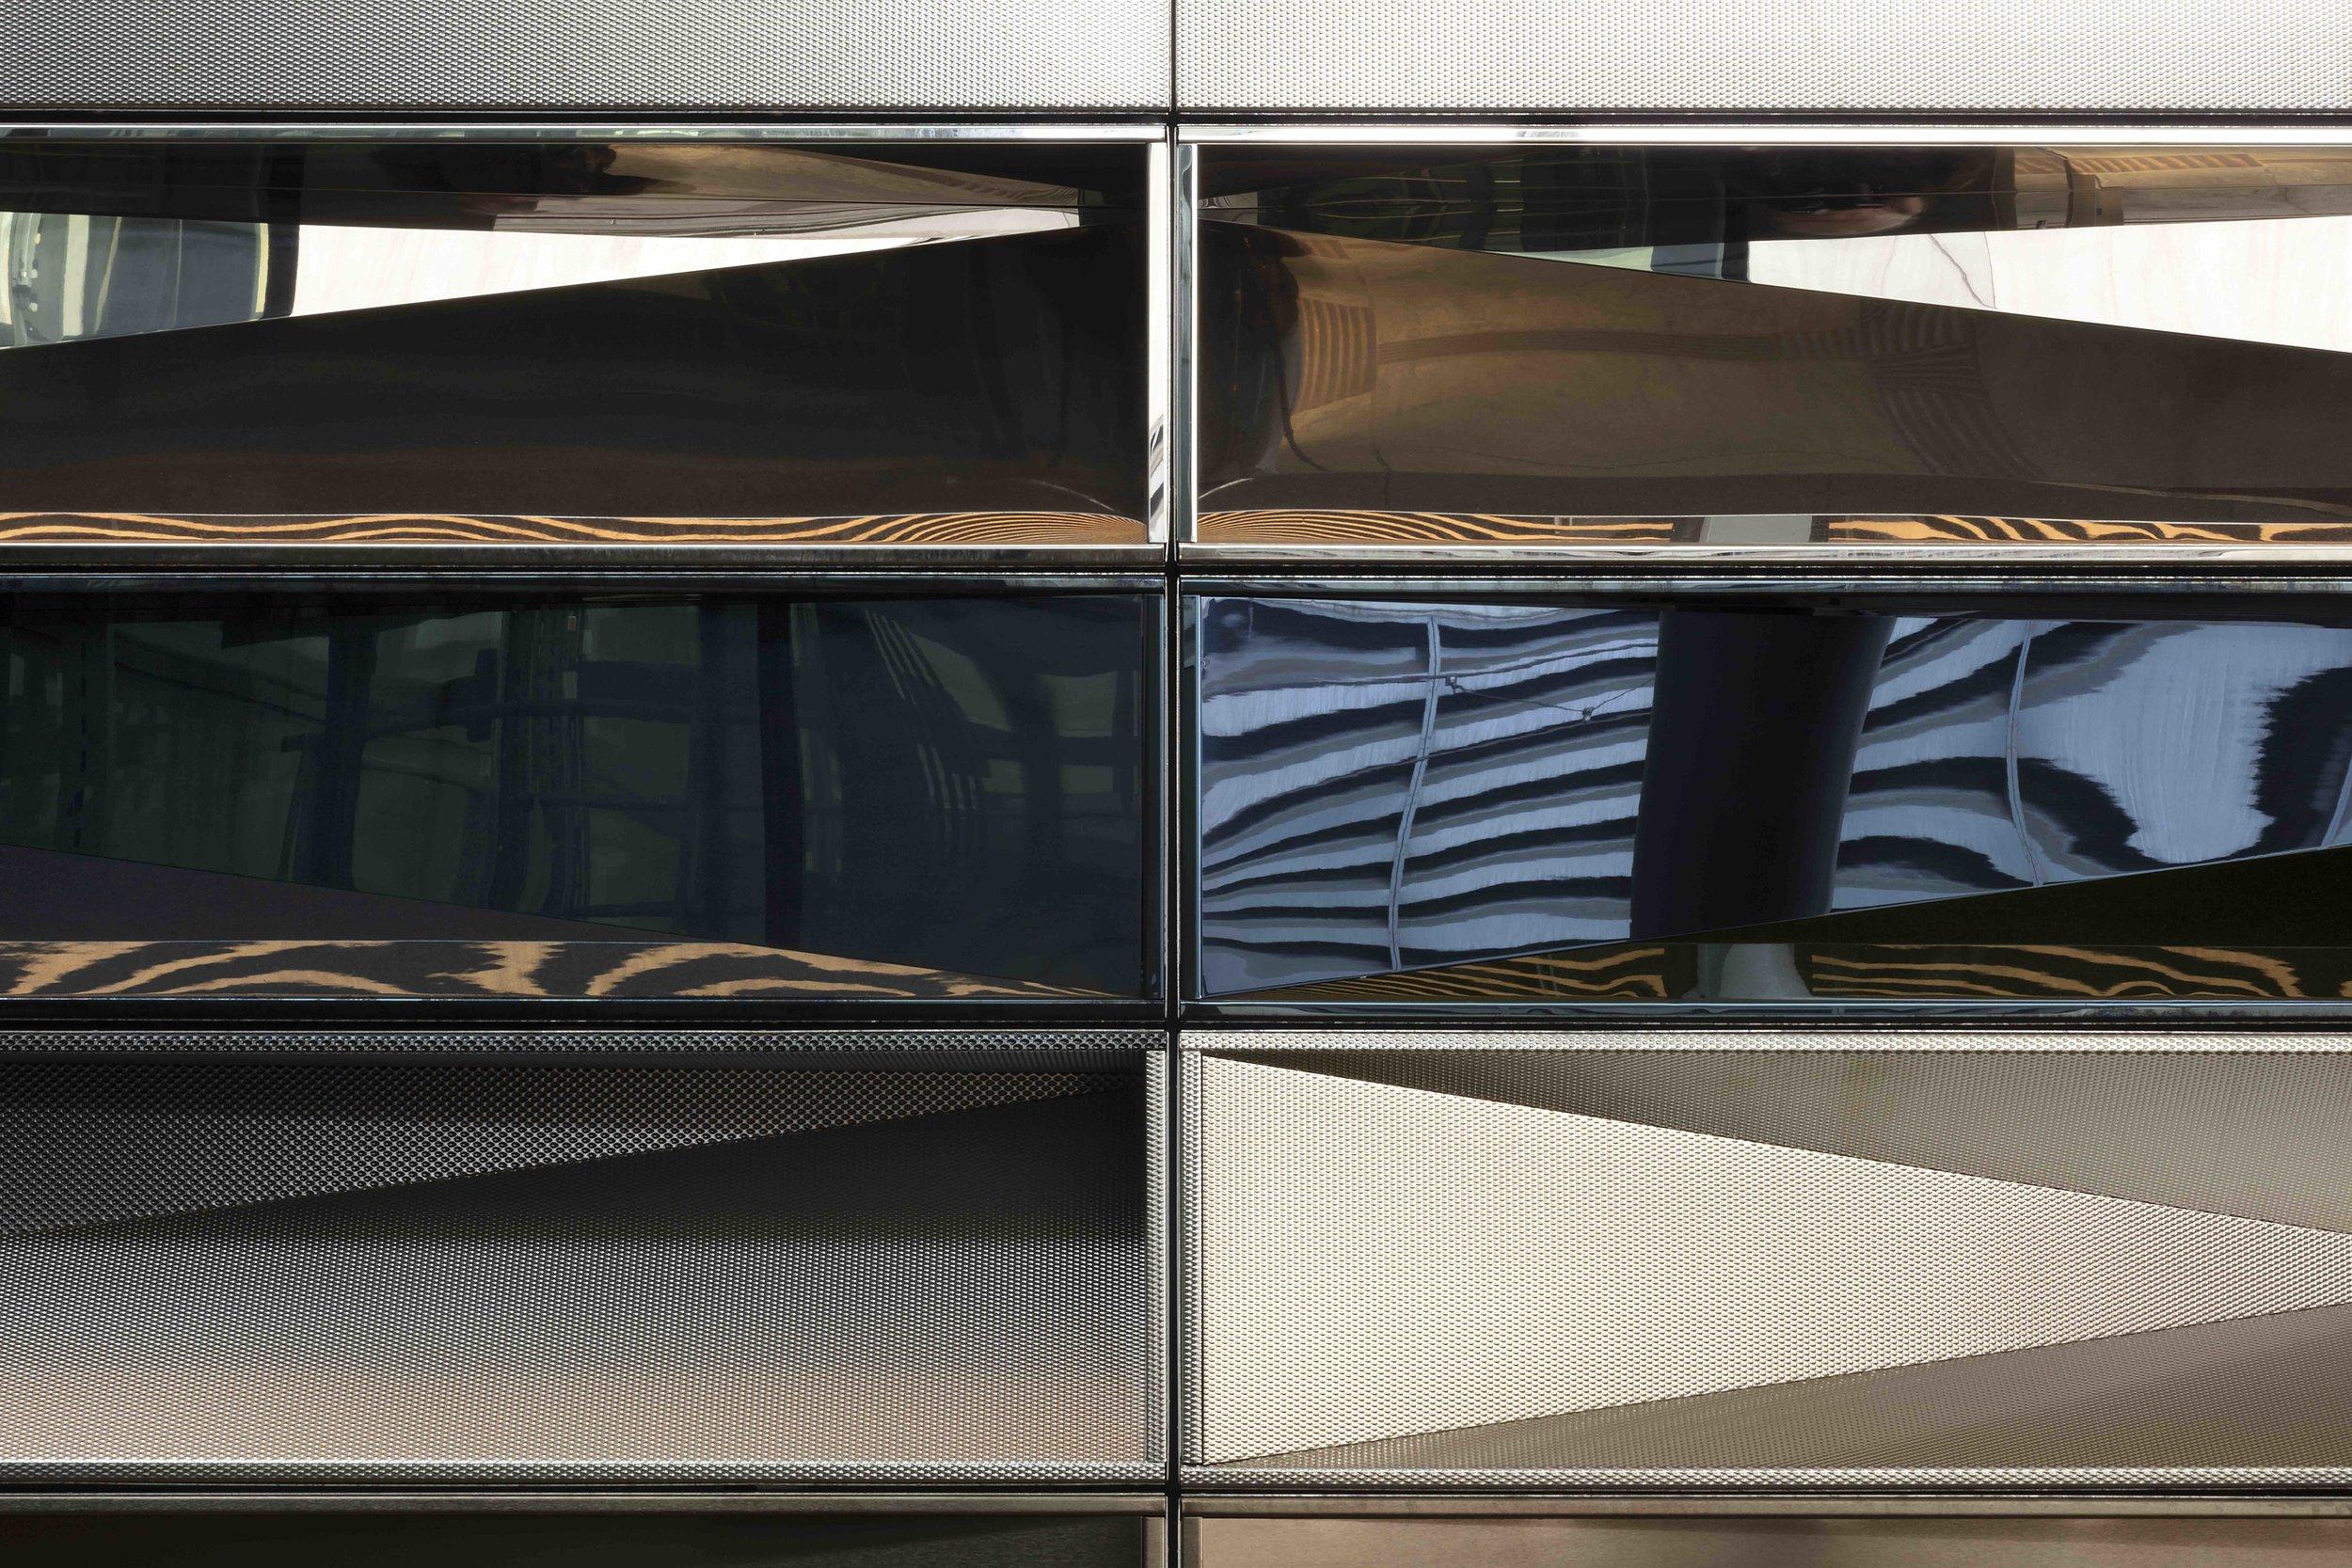 Modulære Refleksjoner,detail